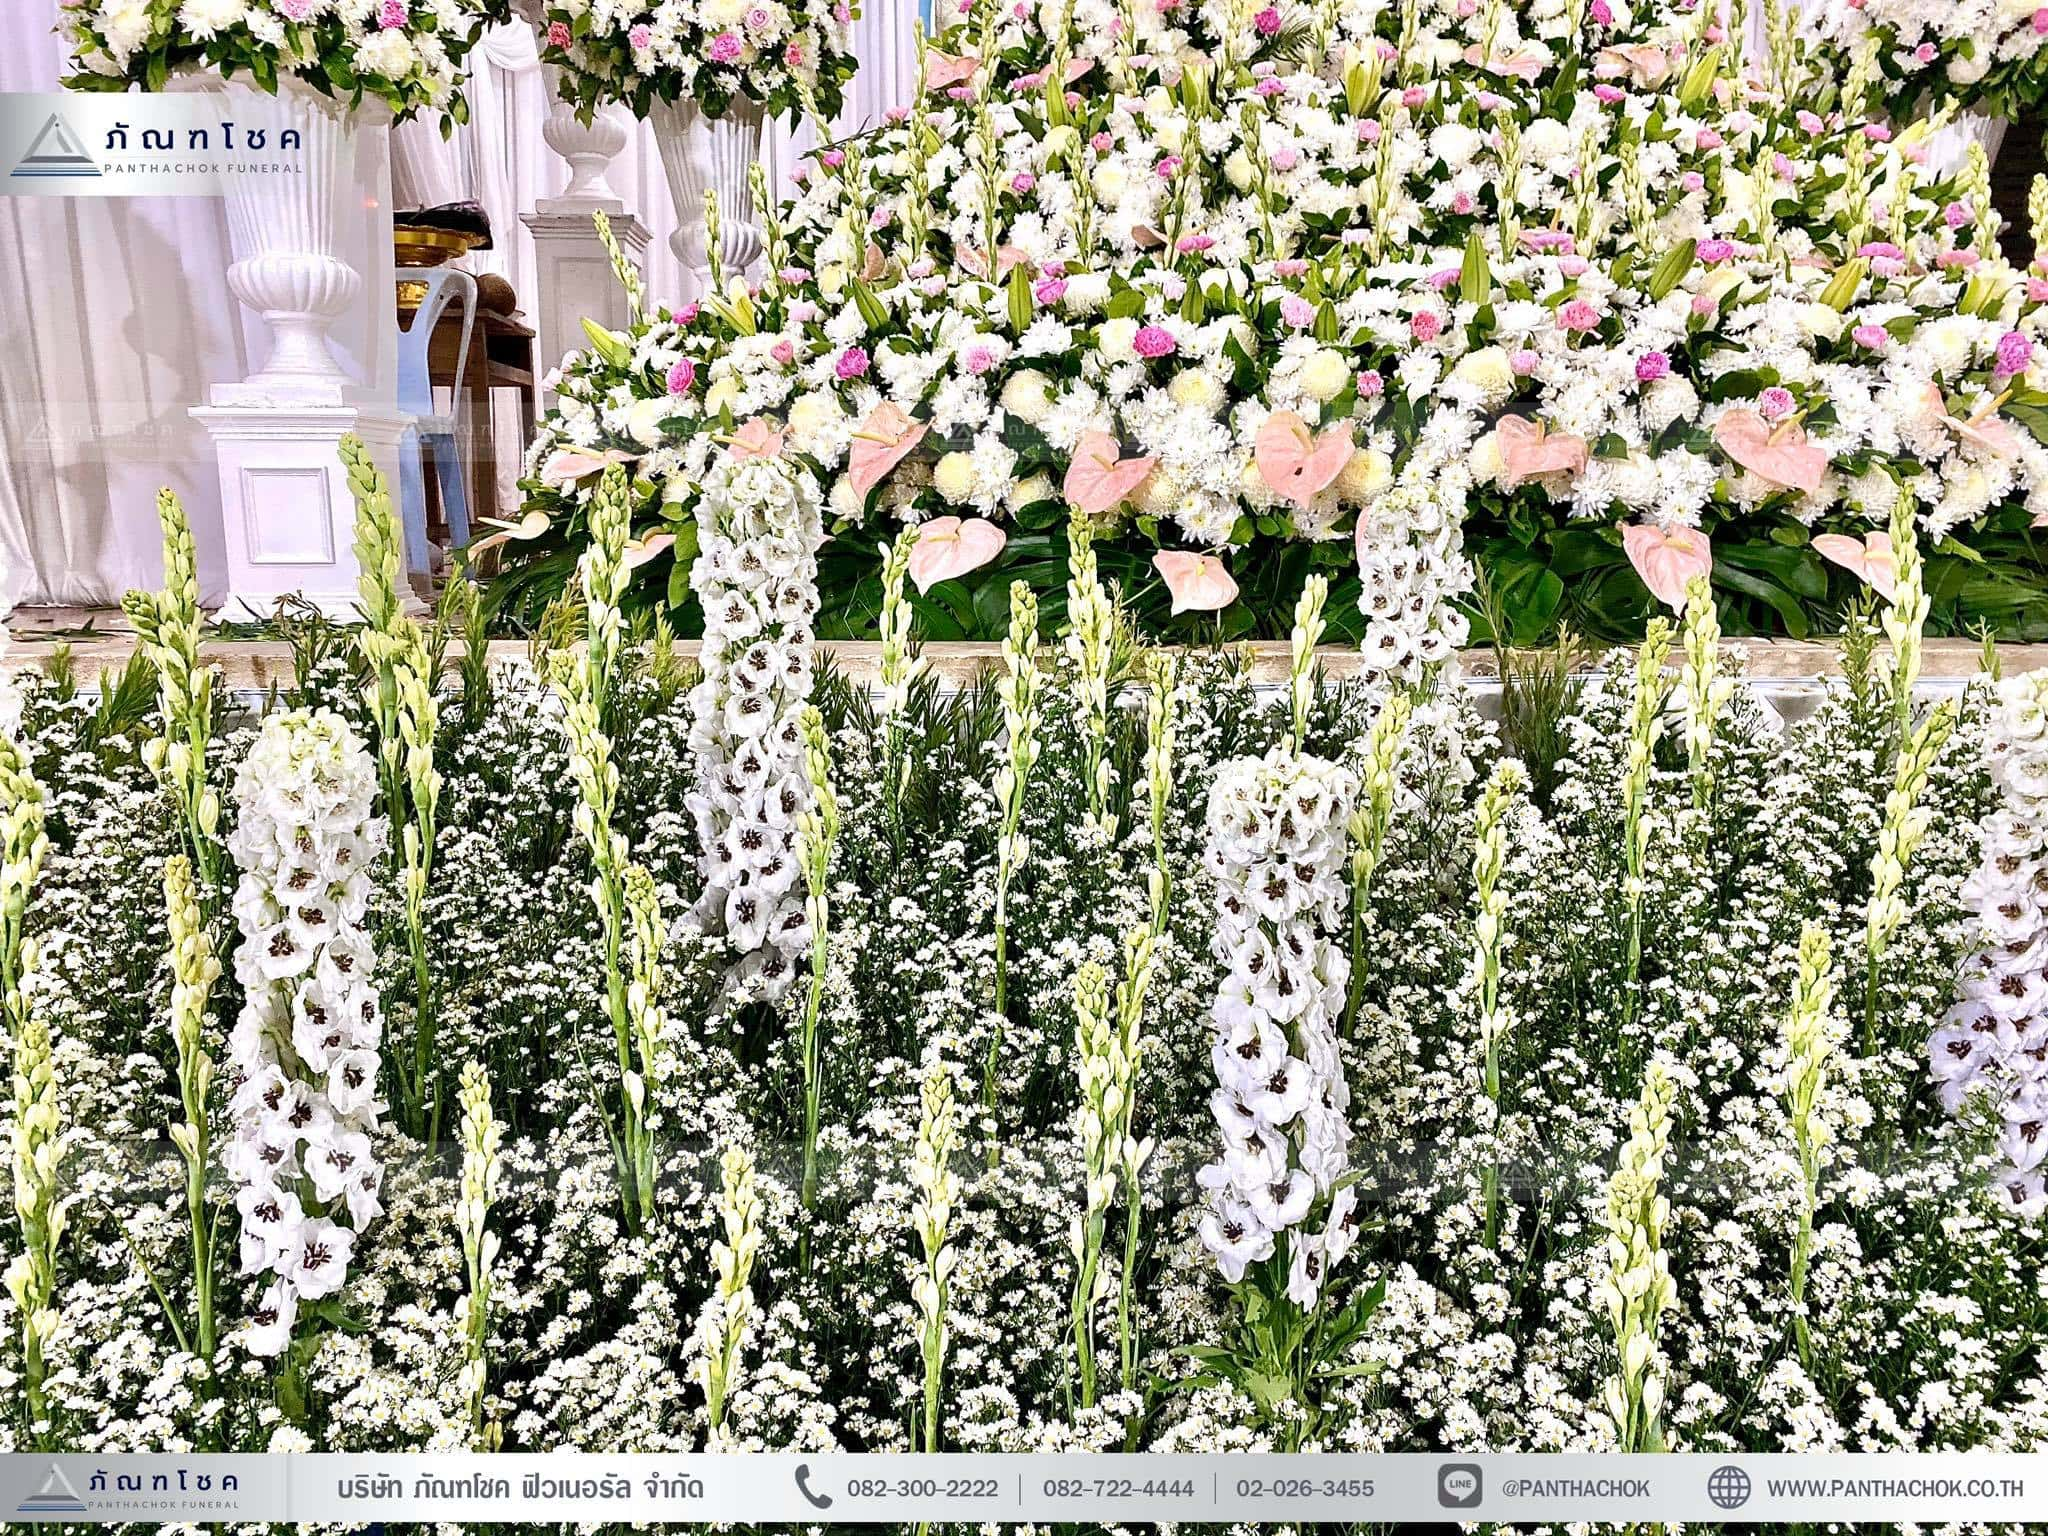 ดอกไม้หน้าศพ สวนดอกไม้หน้าศพ ดอกไม้งานศพราชบุรี